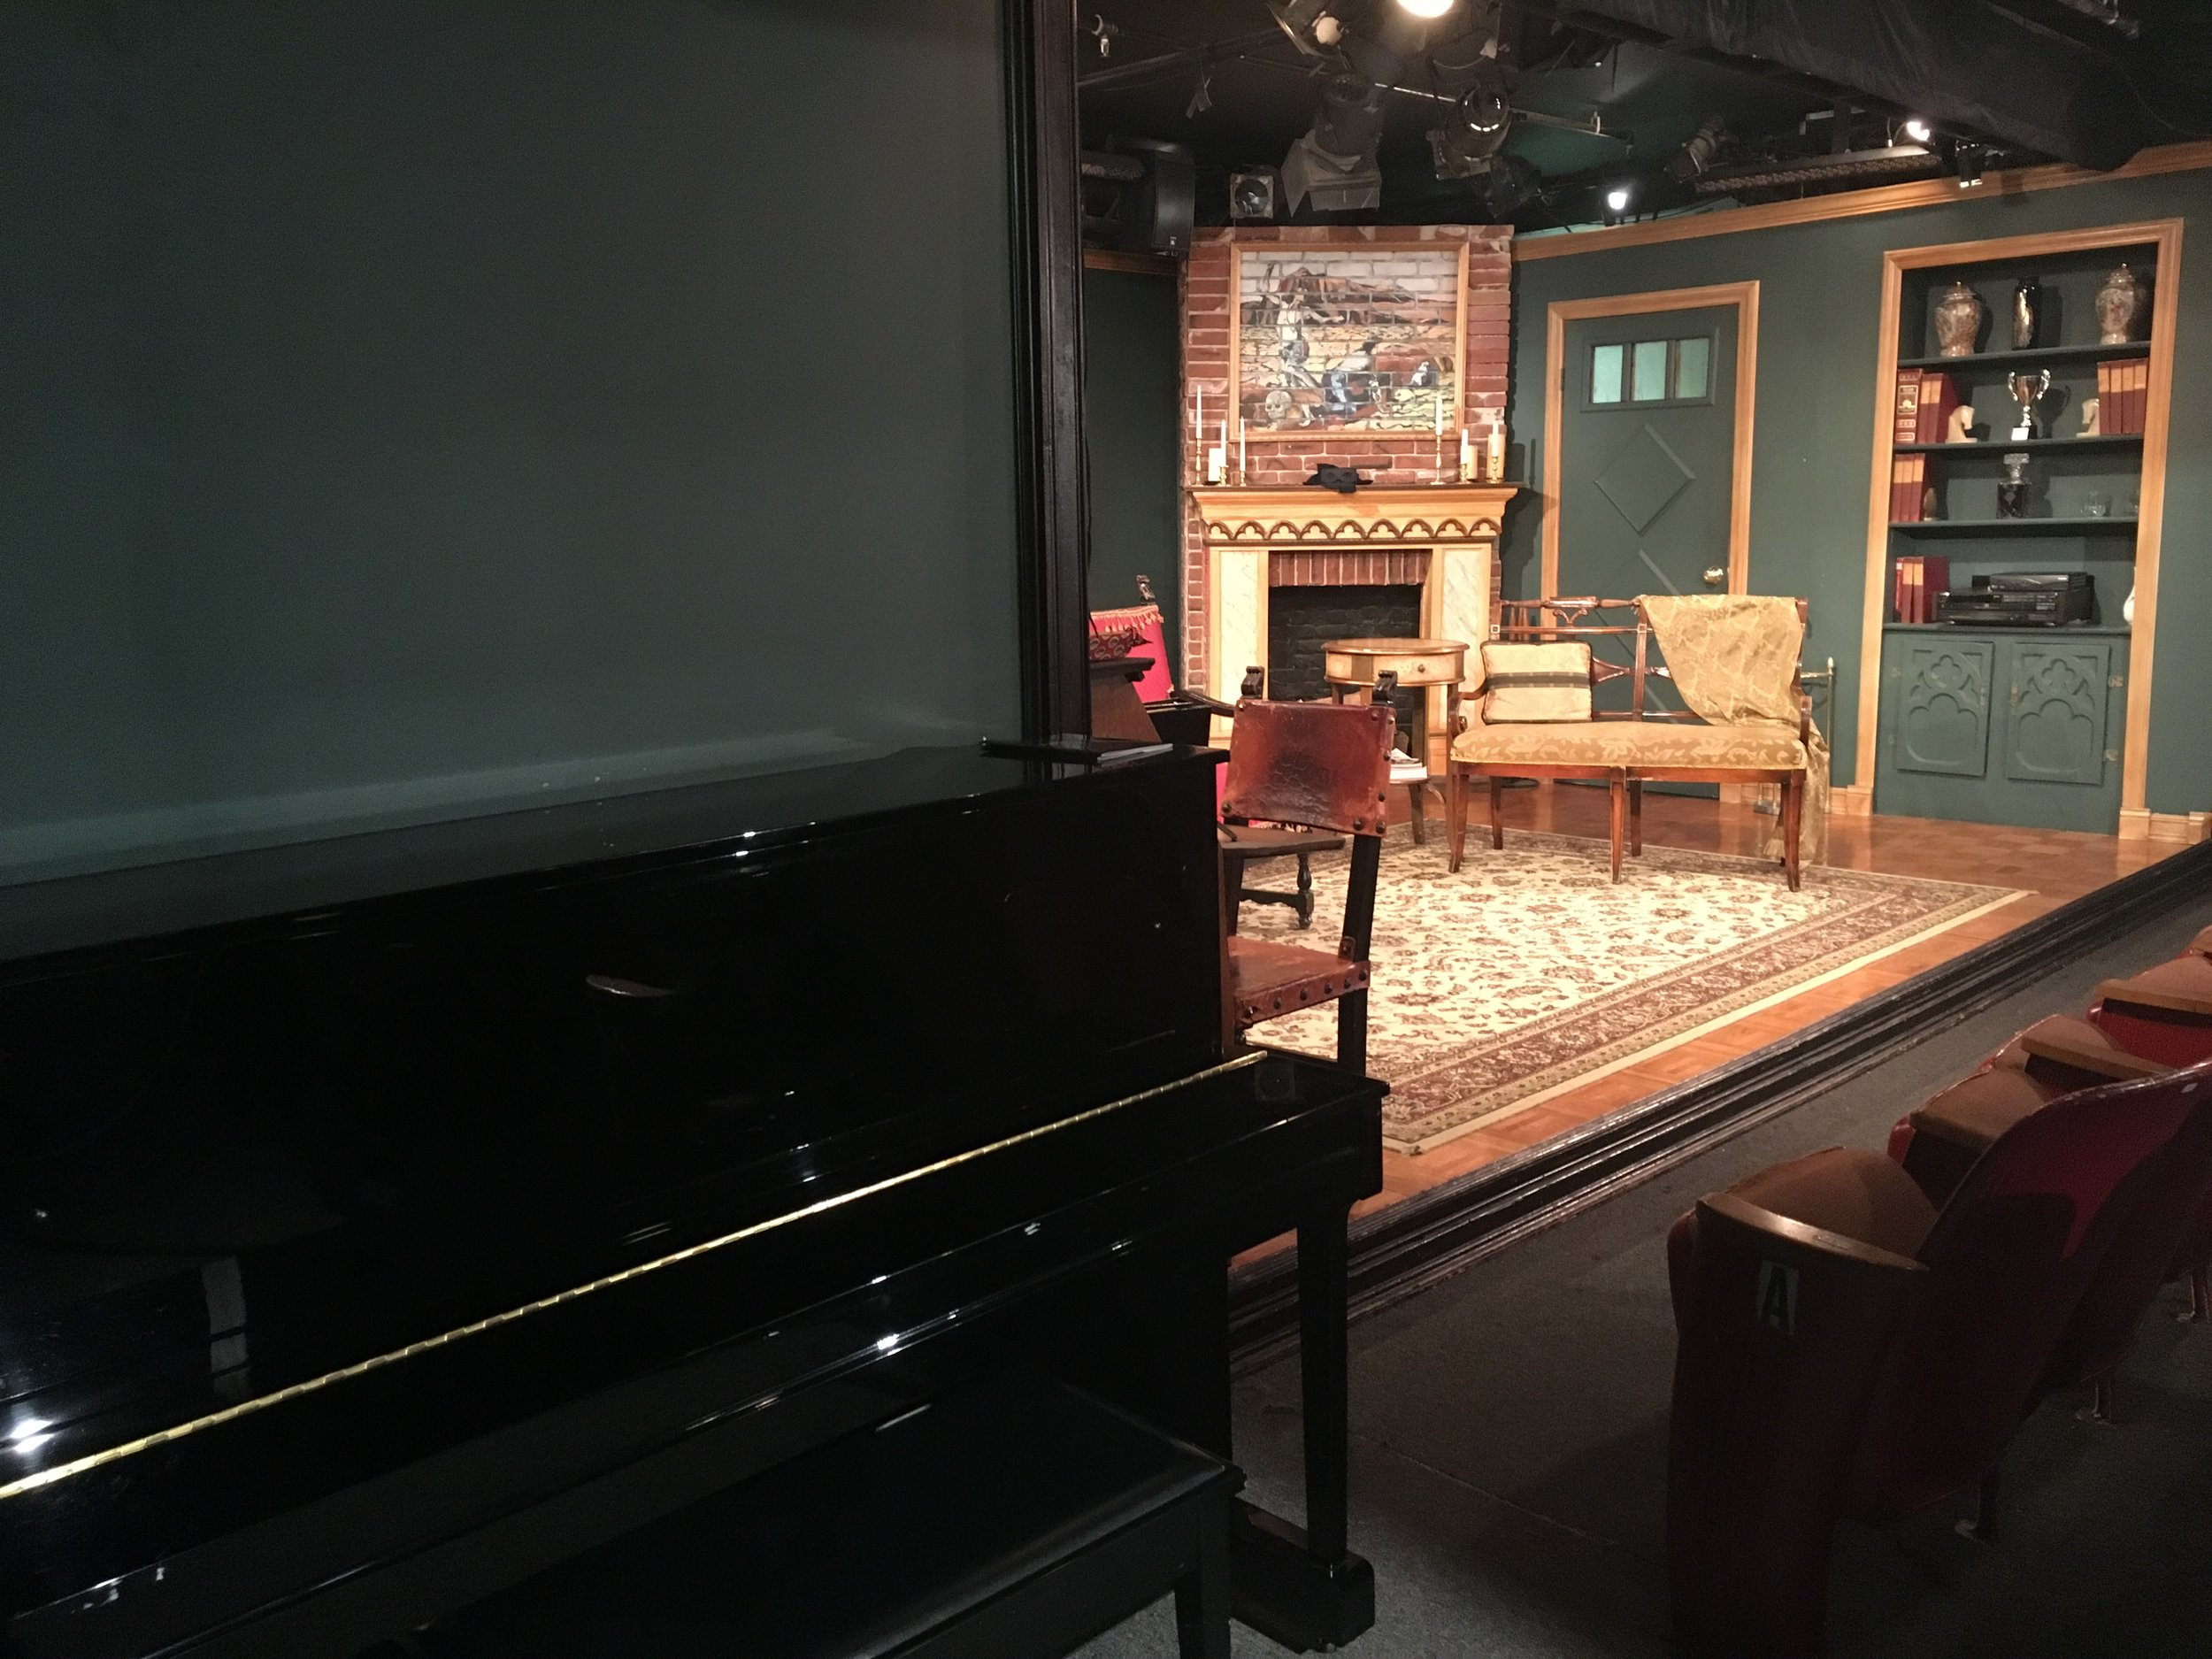 Anne L. Bernstein Theater Stage  - After